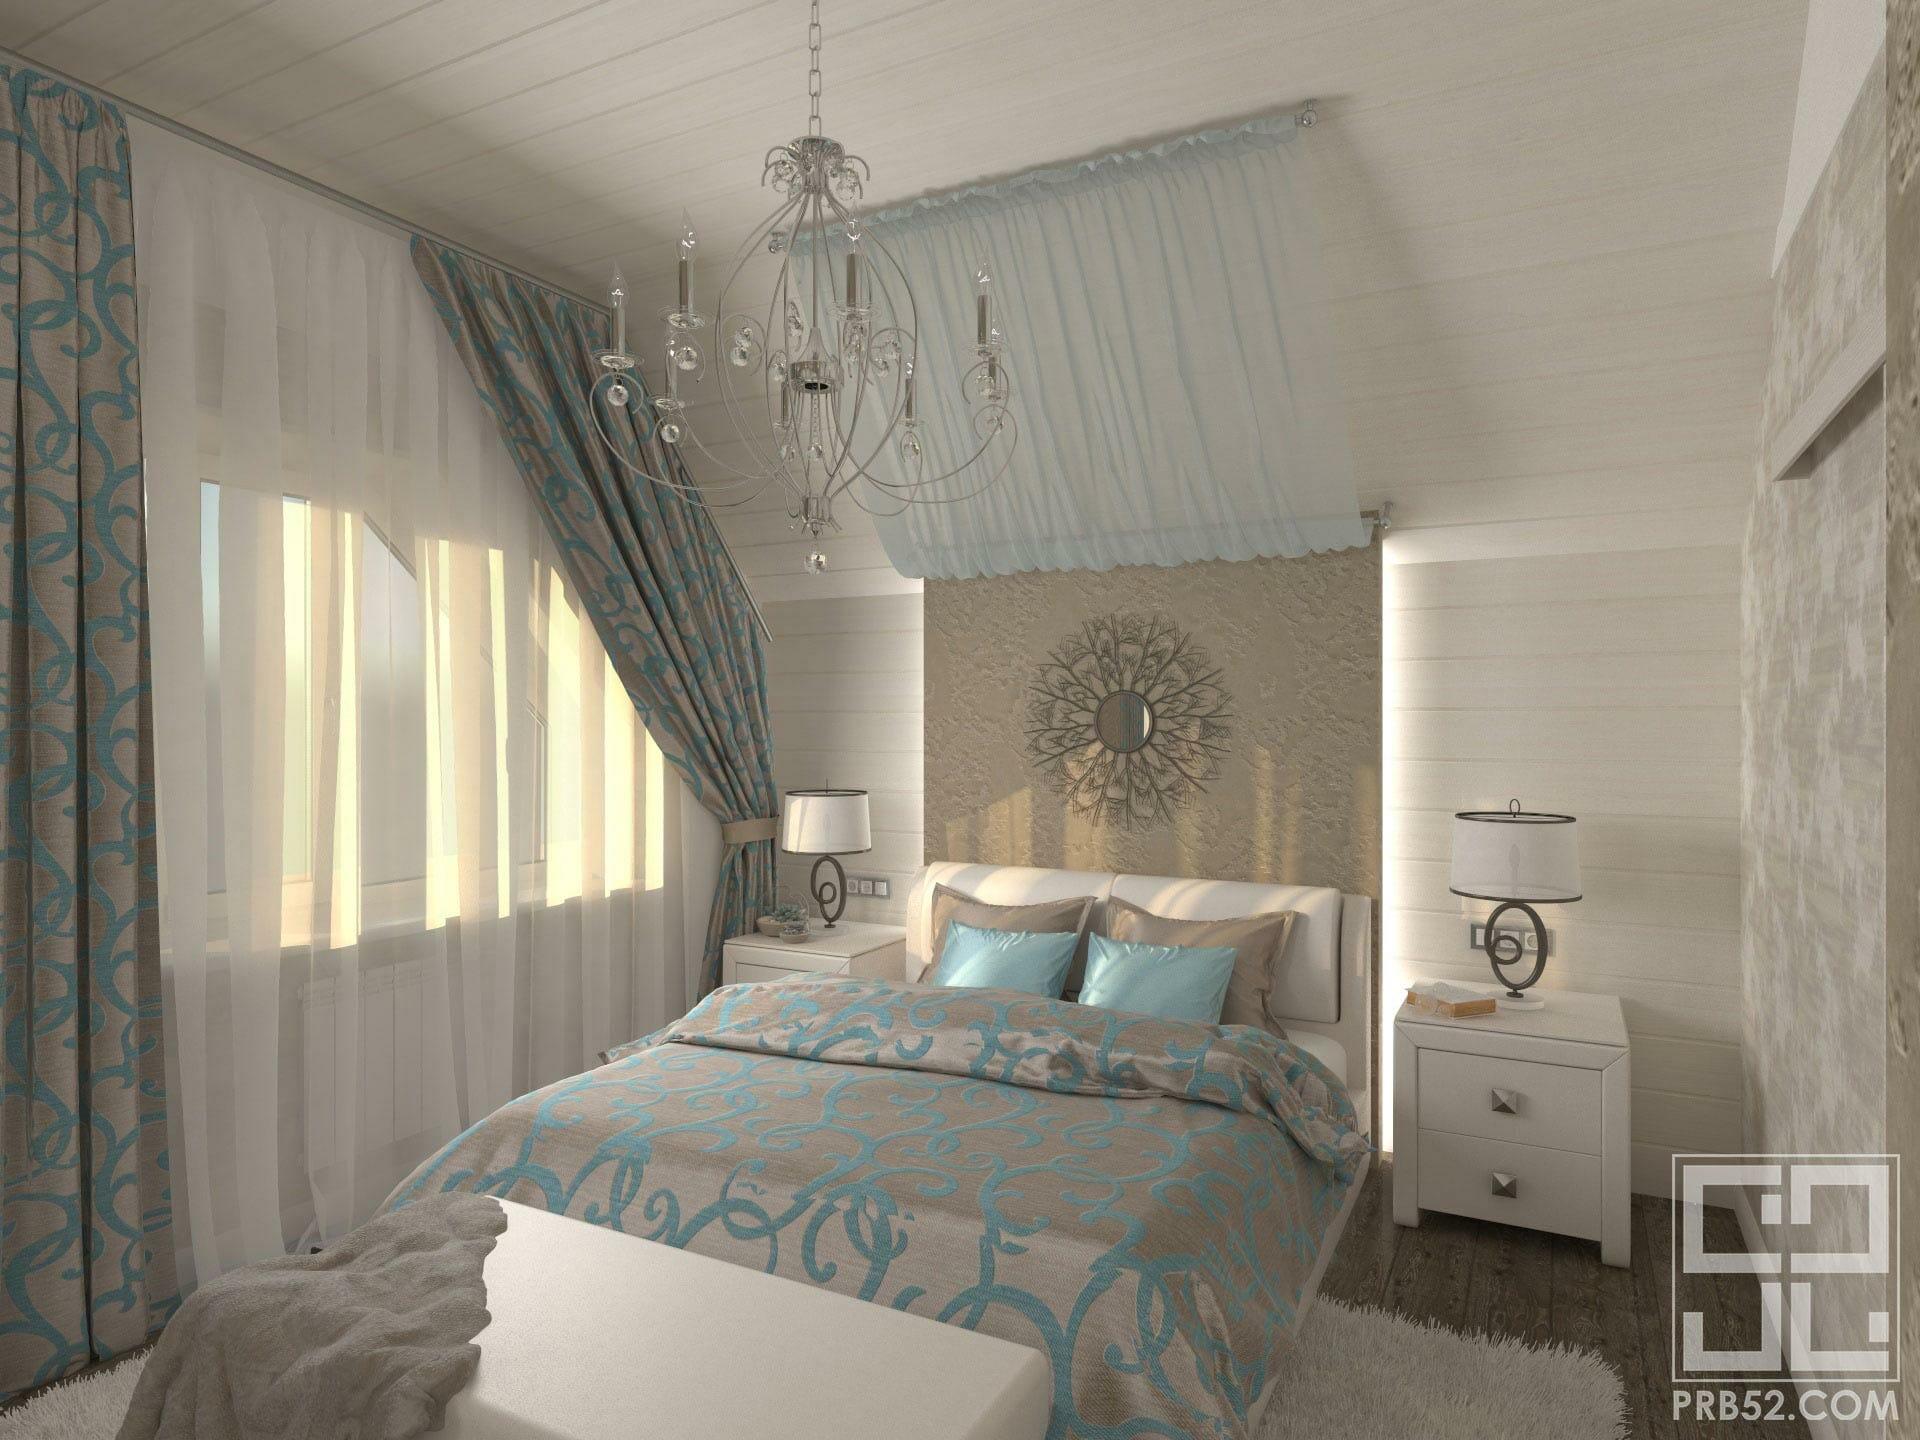 дизайн интерьера спальня с балдахином